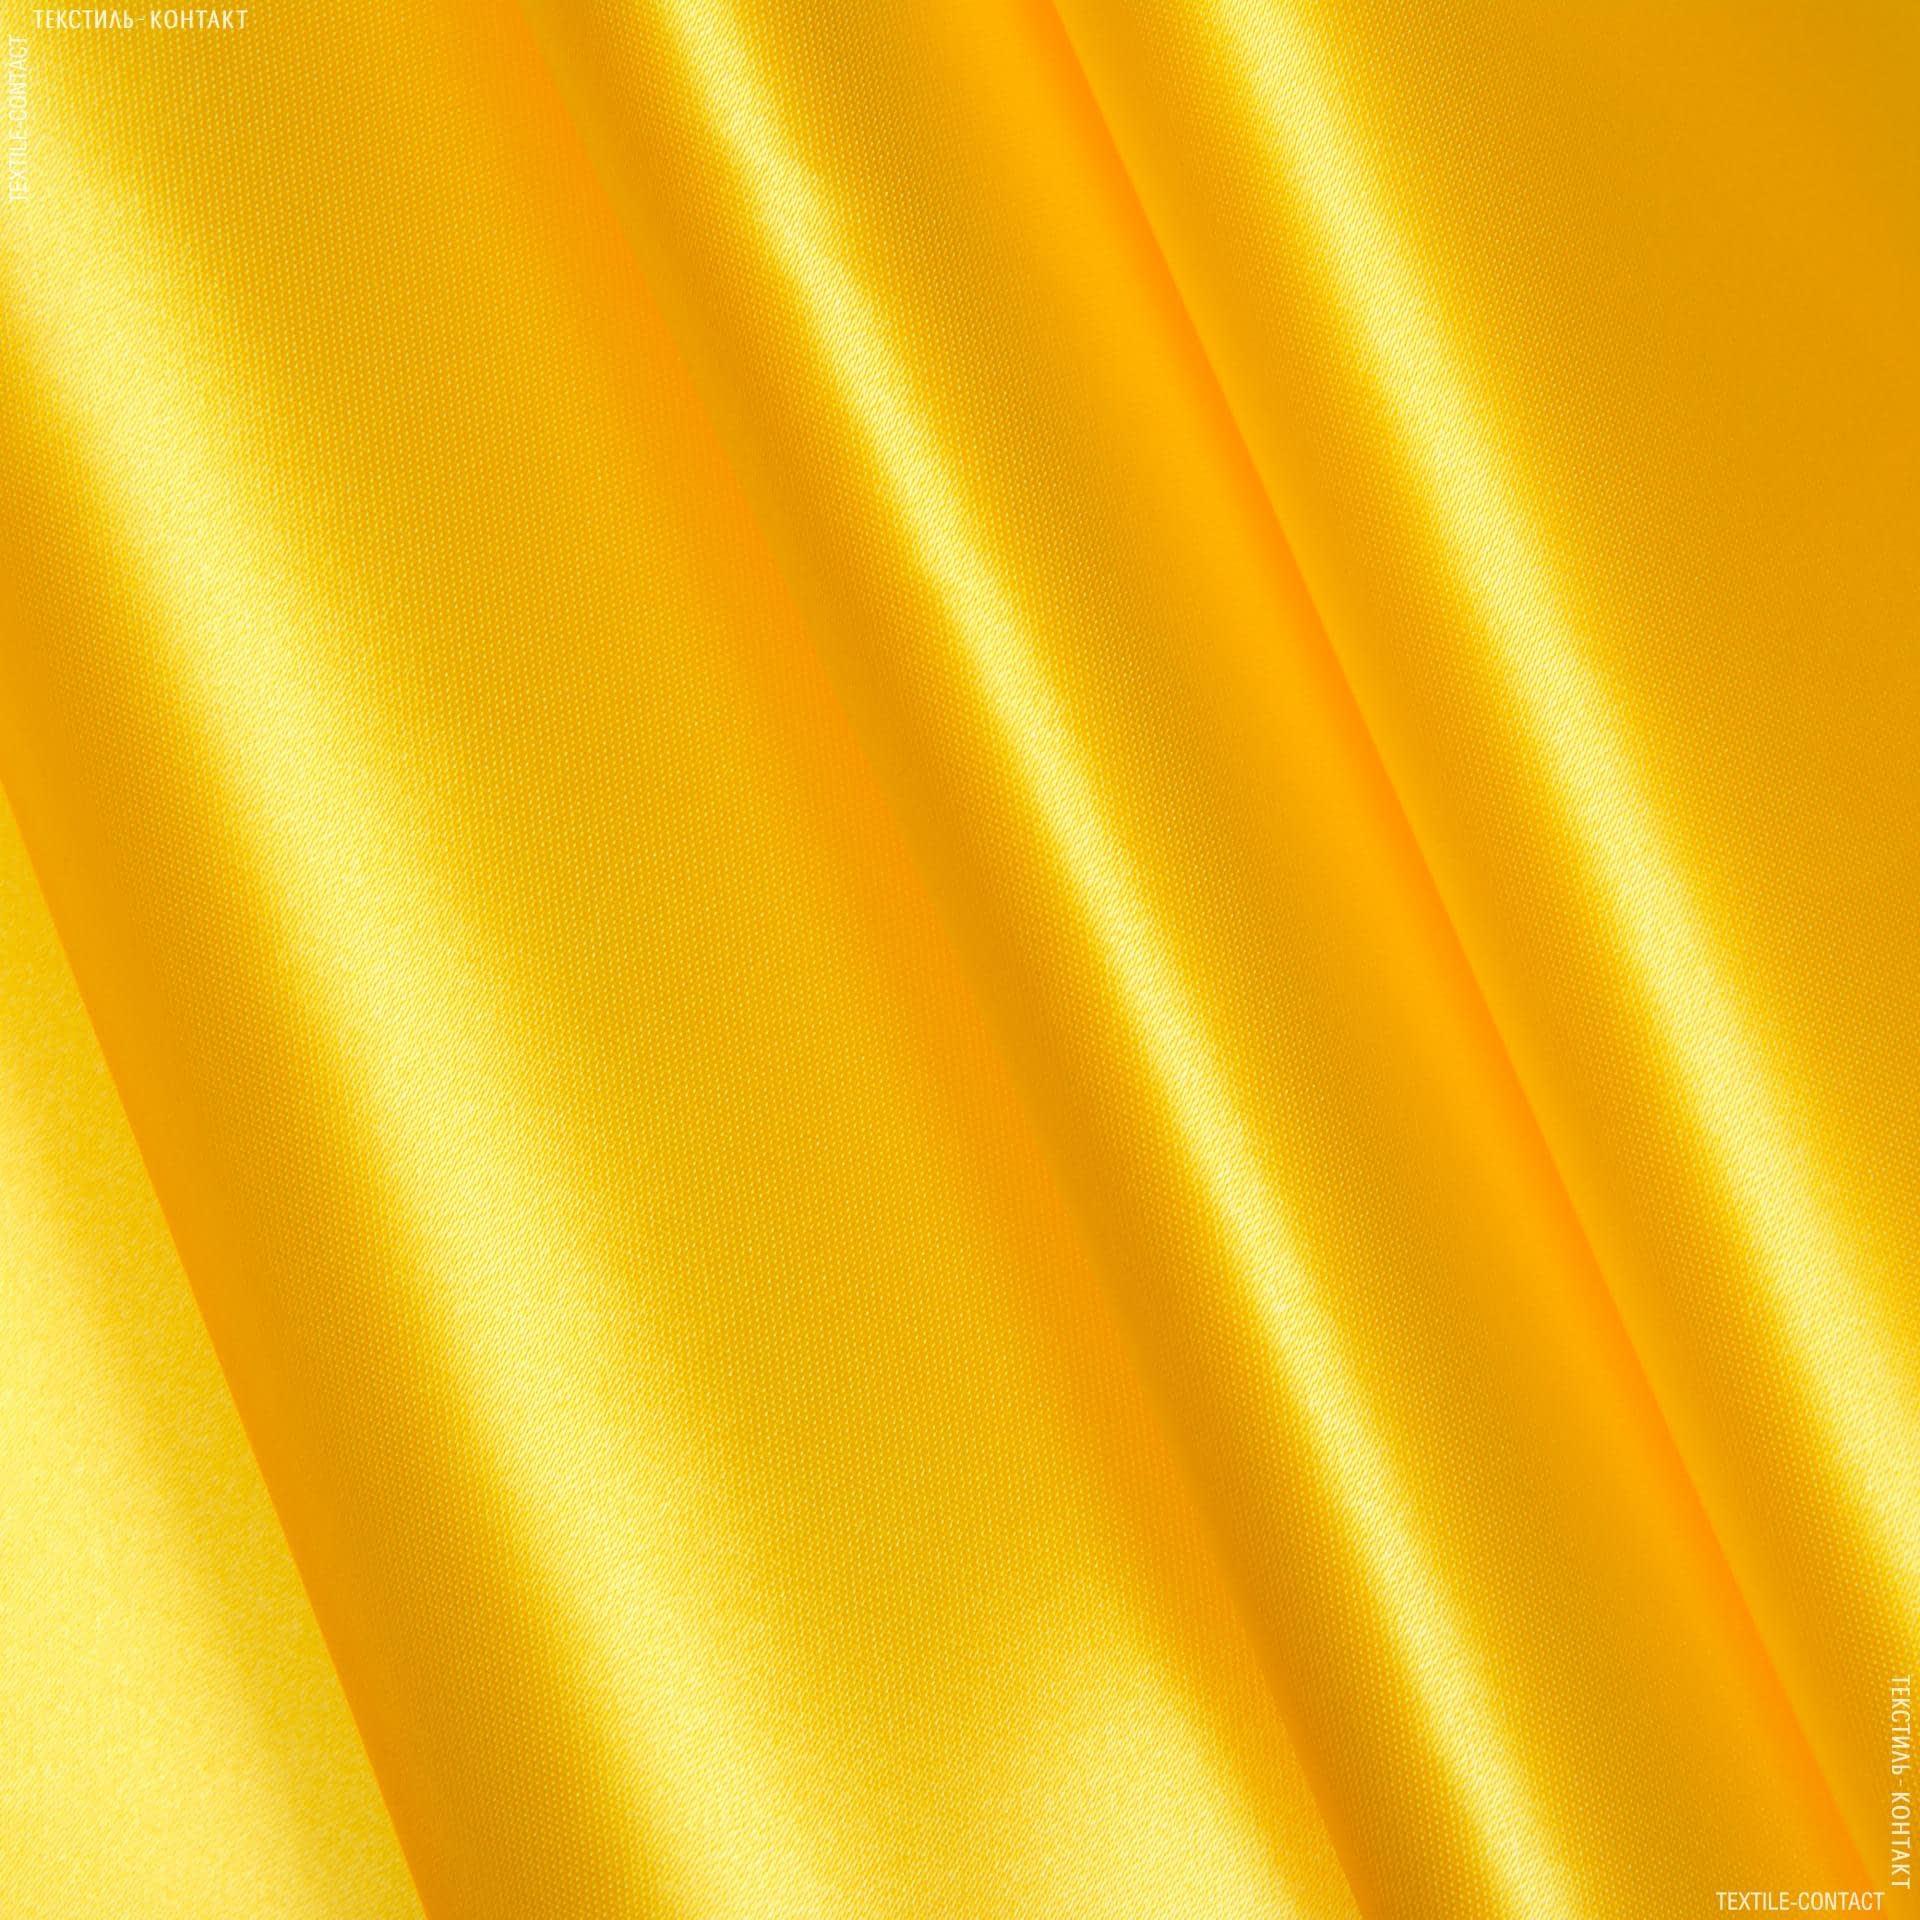 Ткани для костюмов - Атлас плотный желтый БРАК